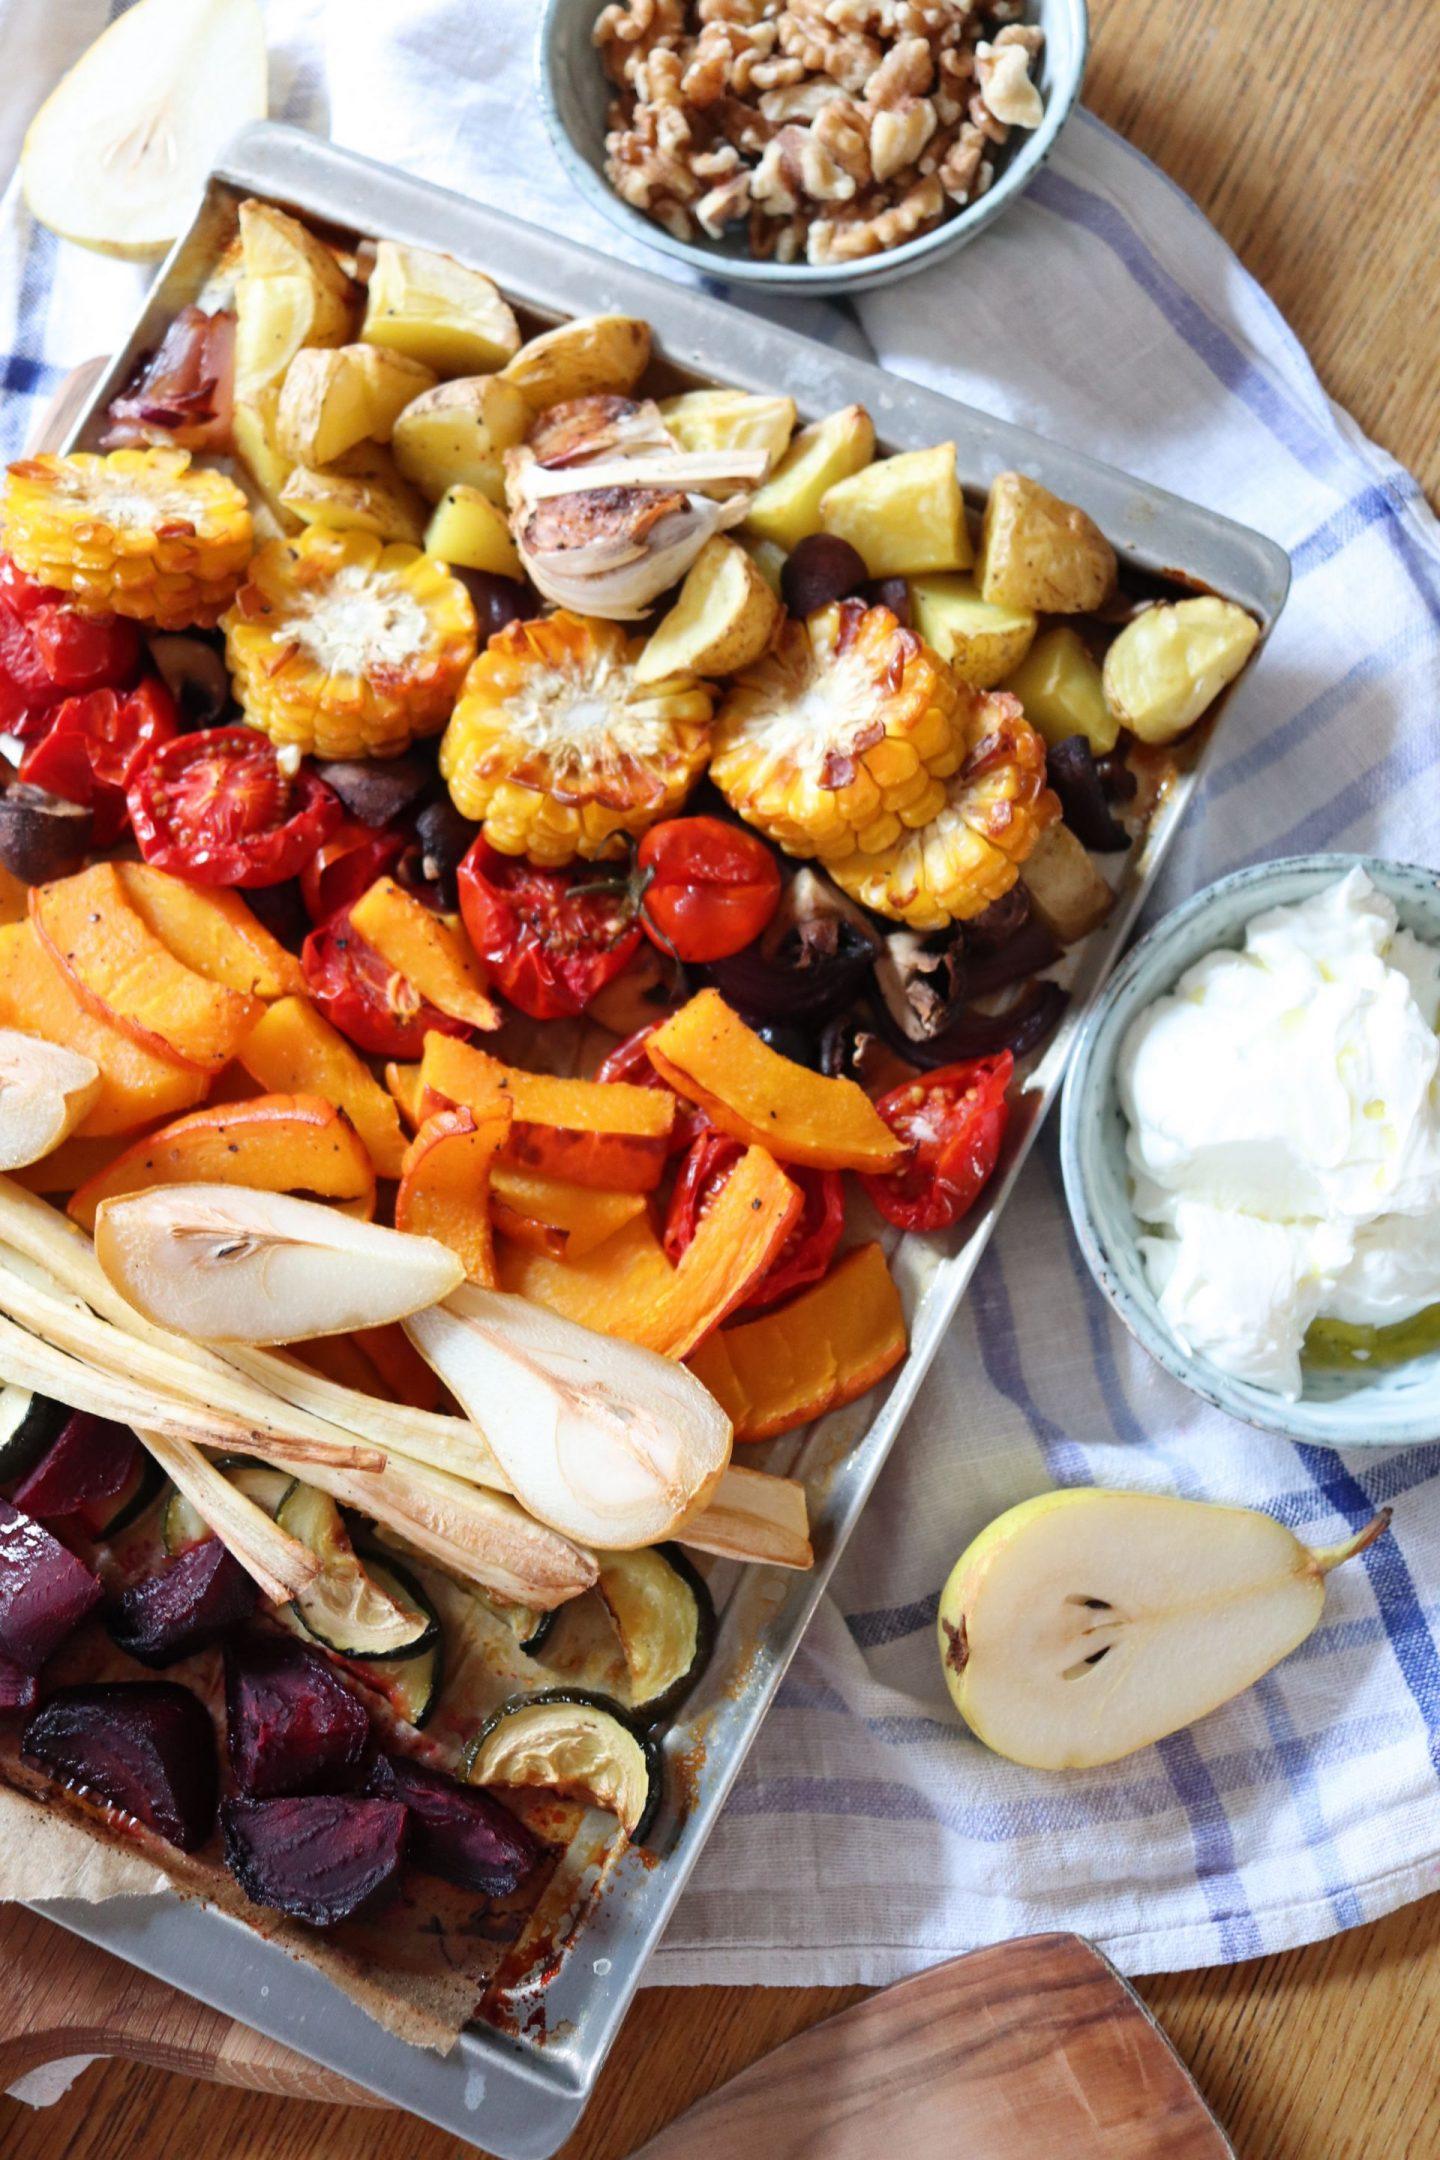 Herbstliches Ofengemüse mit Birnen, Nüssen und Ziegenfrischkäse